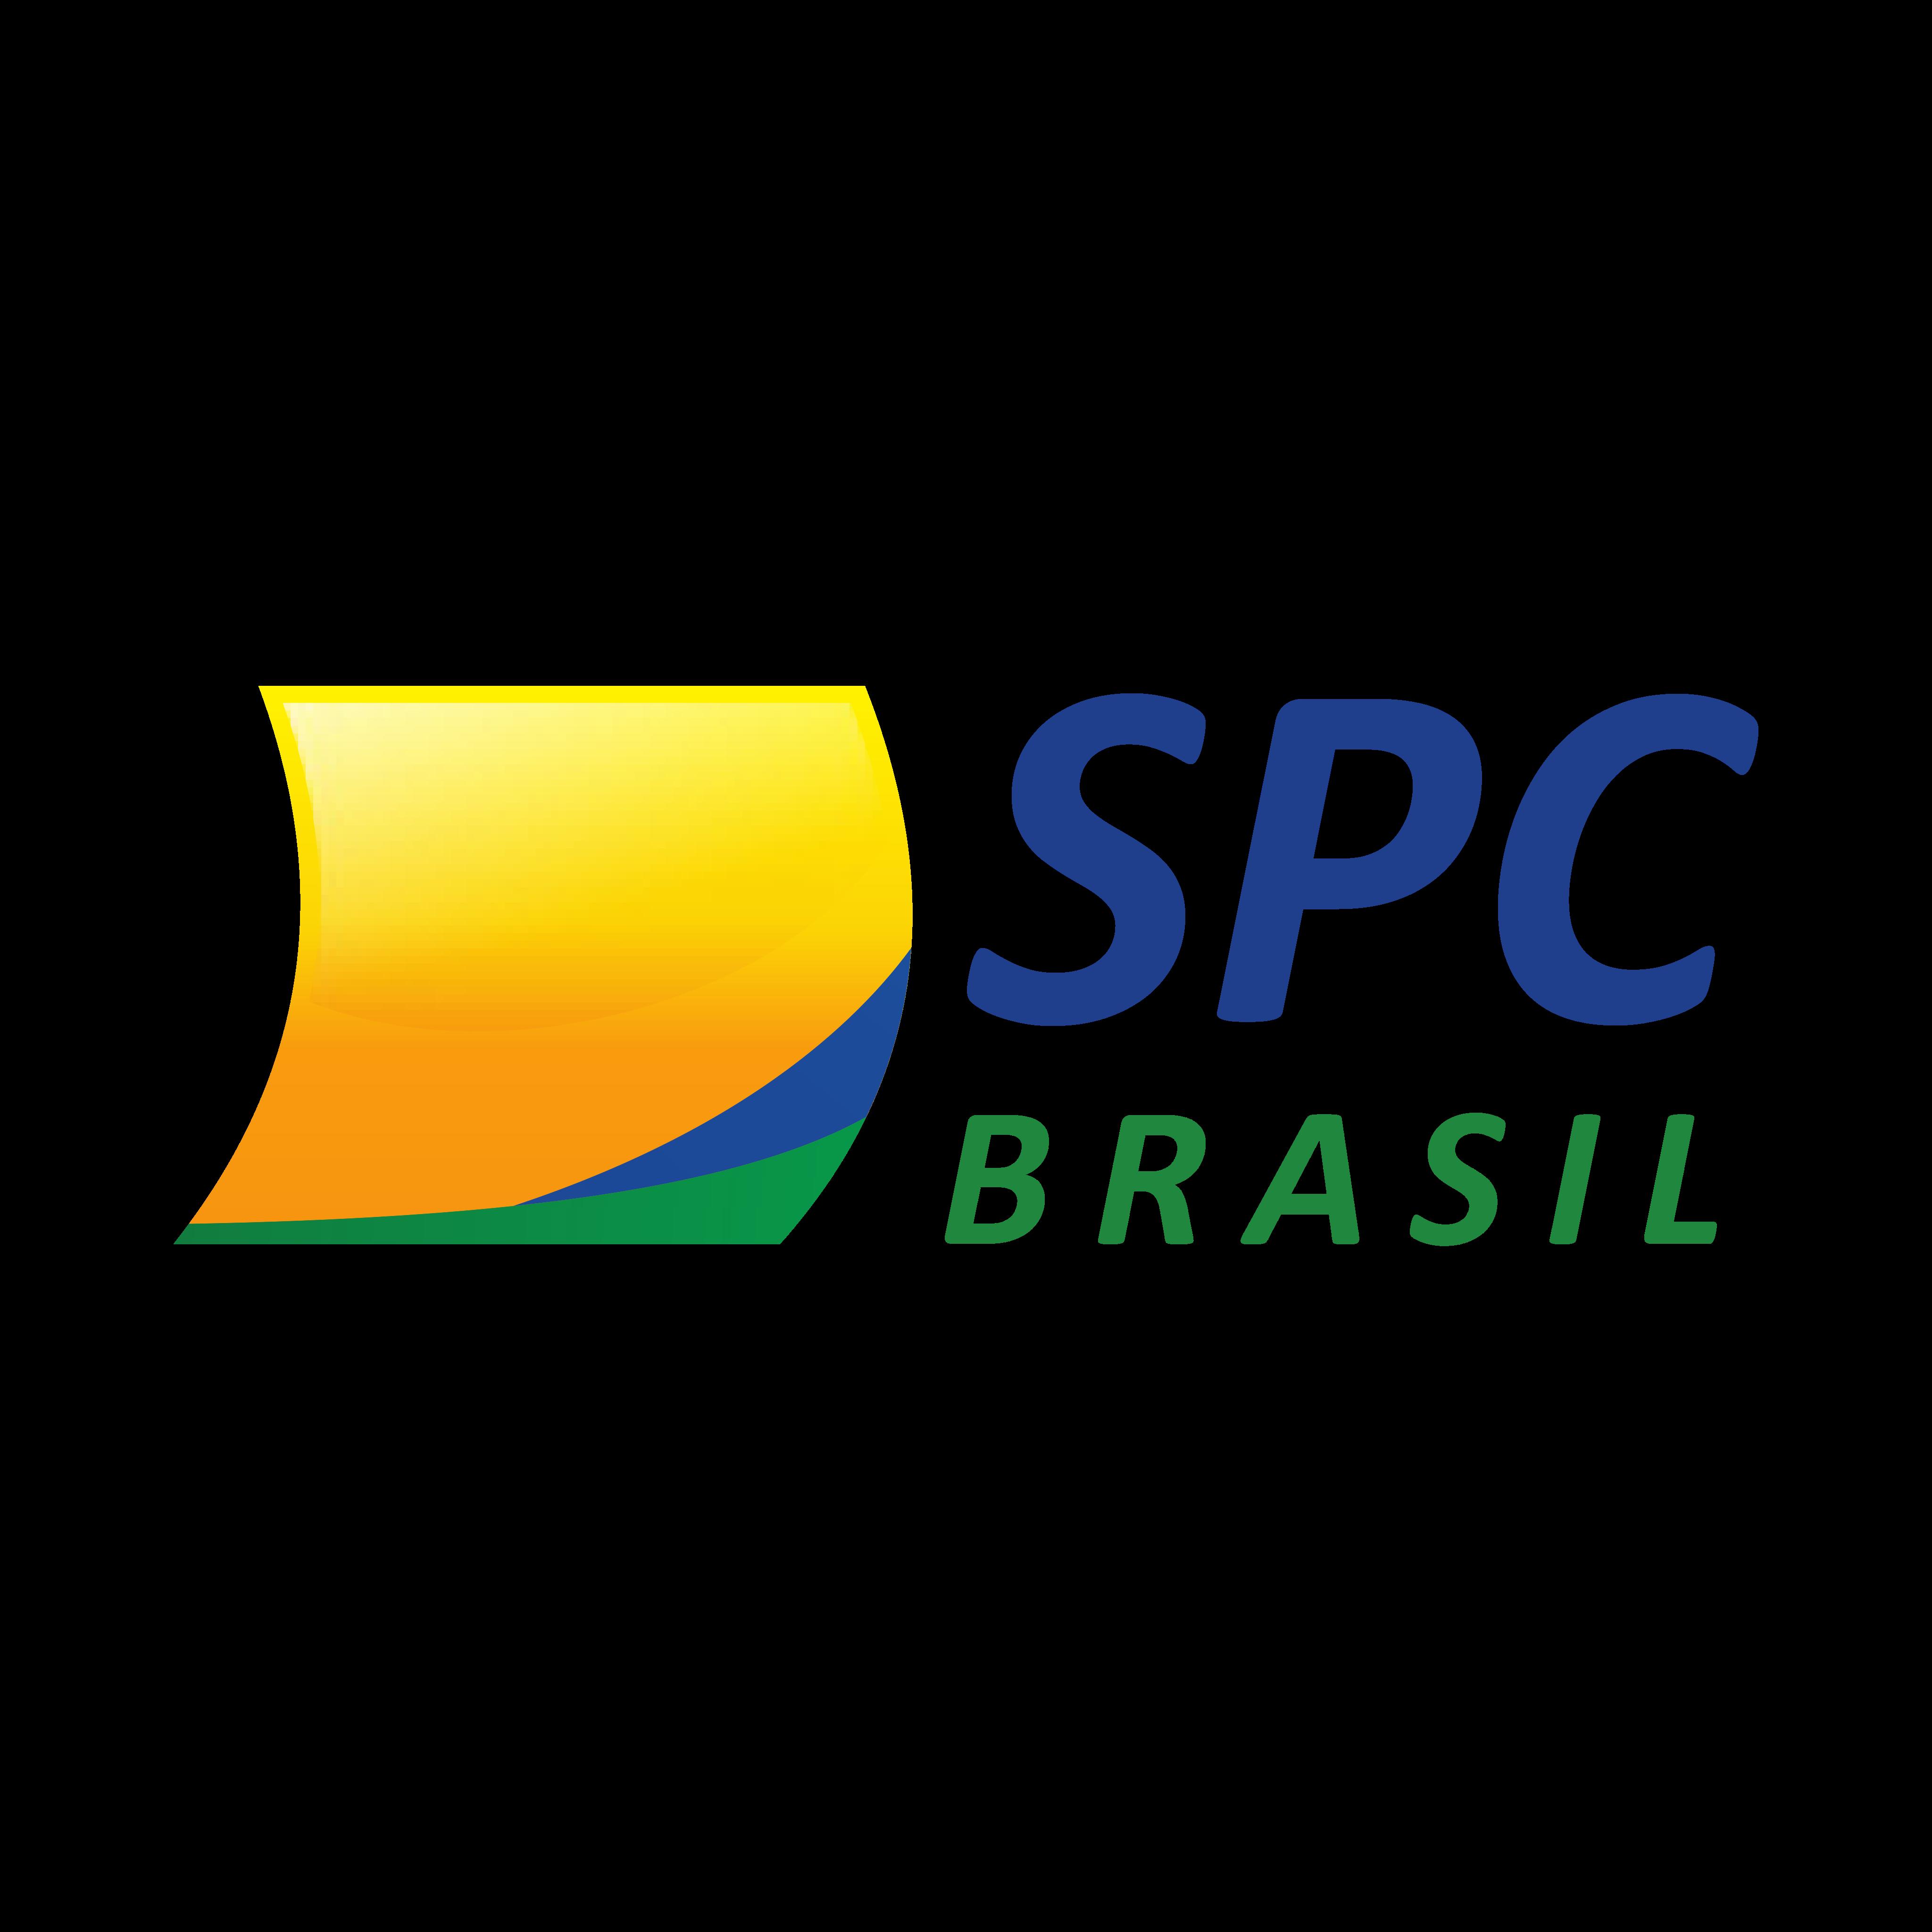 spc brasil logo 0 - SPC Brasil Logo